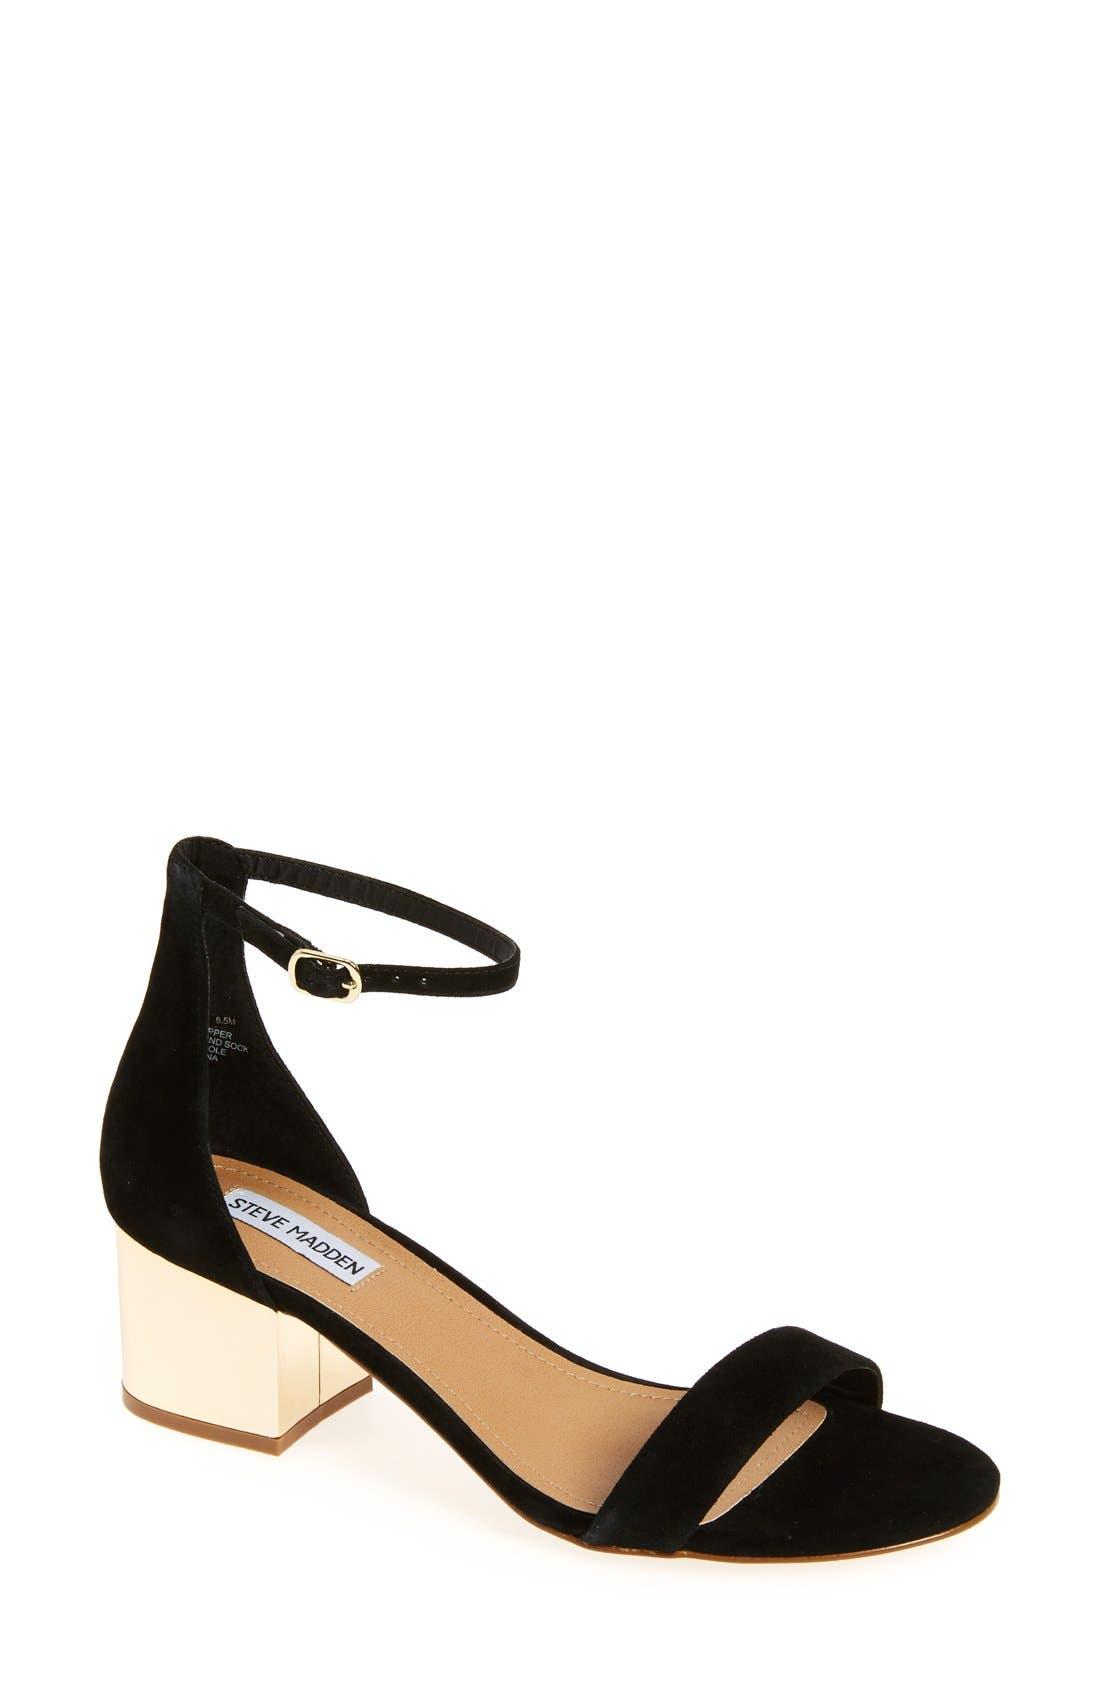 'Irenee-G' Mirror Block Heel Sandal,                         Main,                         color, 006